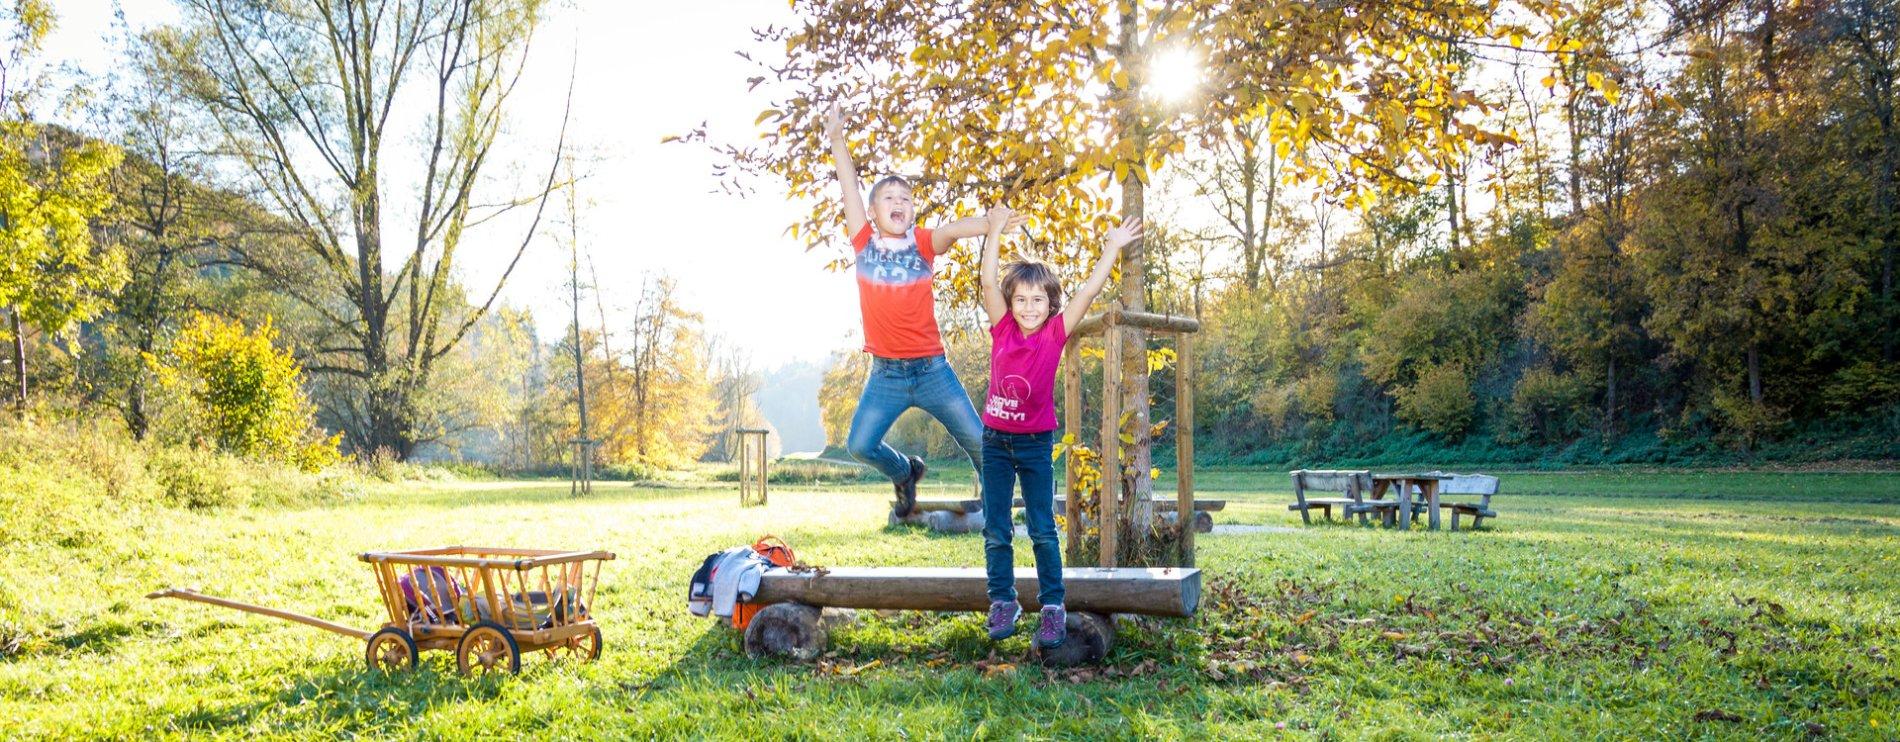 Zwei Kinder springen amüsiert von einer kleinen Holzbank. Dahinter steht ein herbstlicher Baum, durch den die Sonne blitzt. Daneben steht ein Bollerwagen. Im HIntergrund ist eine Grillstelle.